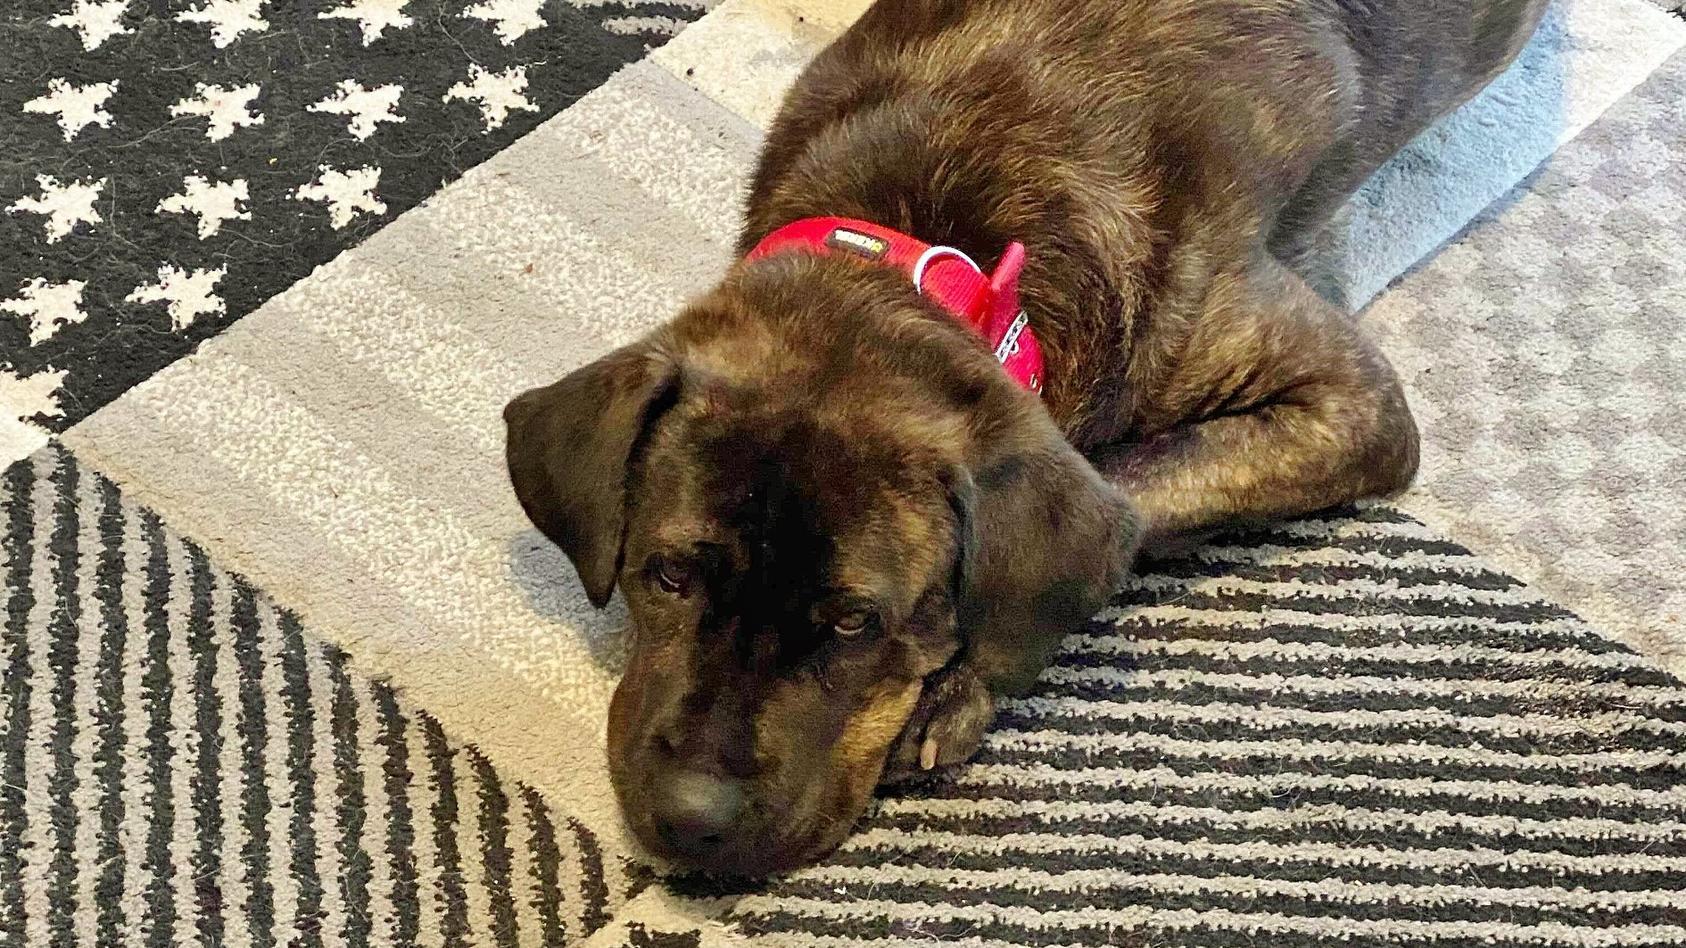 Bruno schläft gerne auf seiner Kuscheldecke. Wer den Rüden aufnehmen möchte: Ansprechpartner für Interessenten zusätzlich zum Hundehaus 1 (089 / 921 000 26) ist Herr Reichinger Tel.: 0177 / 7 555 444